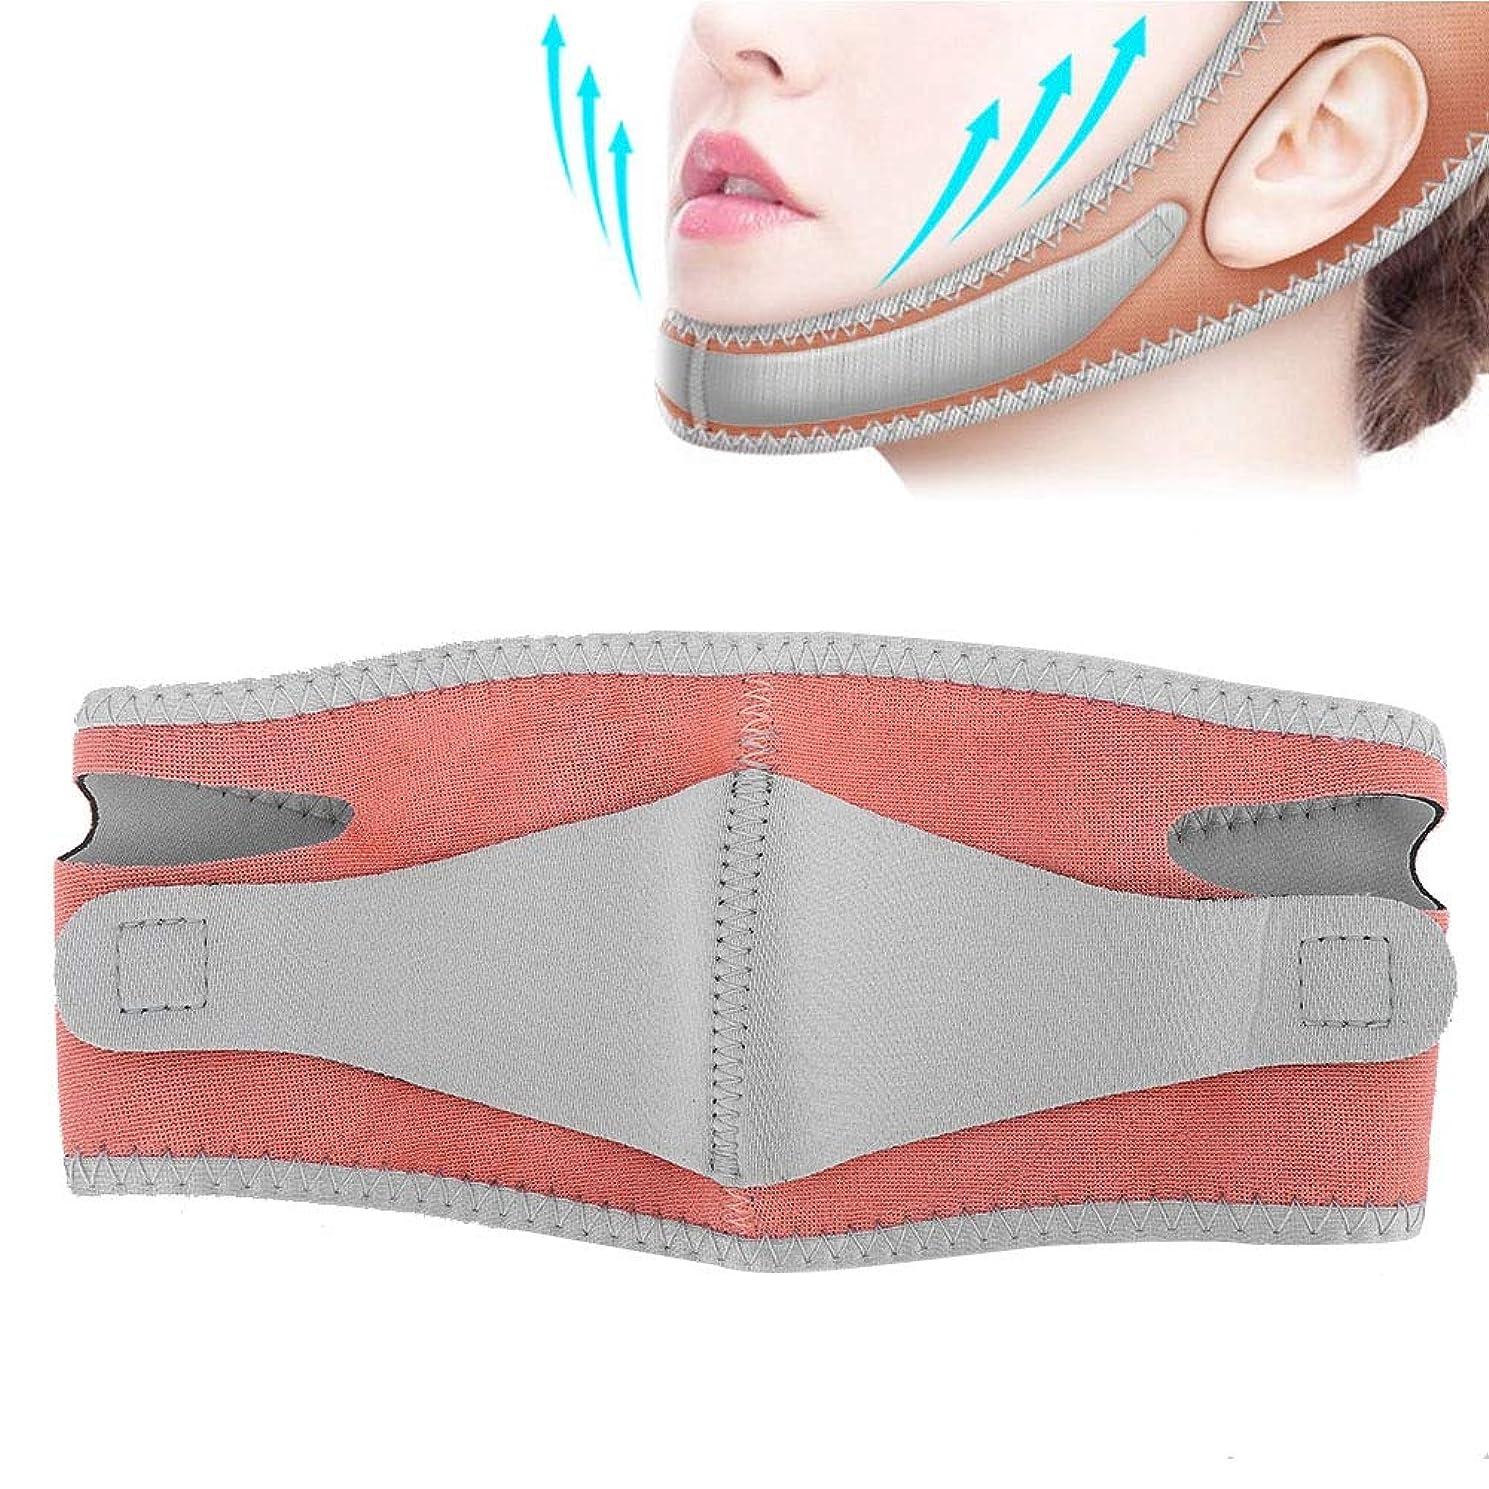 精神医学有効なビタミン薄い顔包帯顔、Vフェイスラインスリムダブルチンチークスリムリフトアップ引き締まった肌防止マスクあなたが顔の肌を引き締めるのに役立ちます